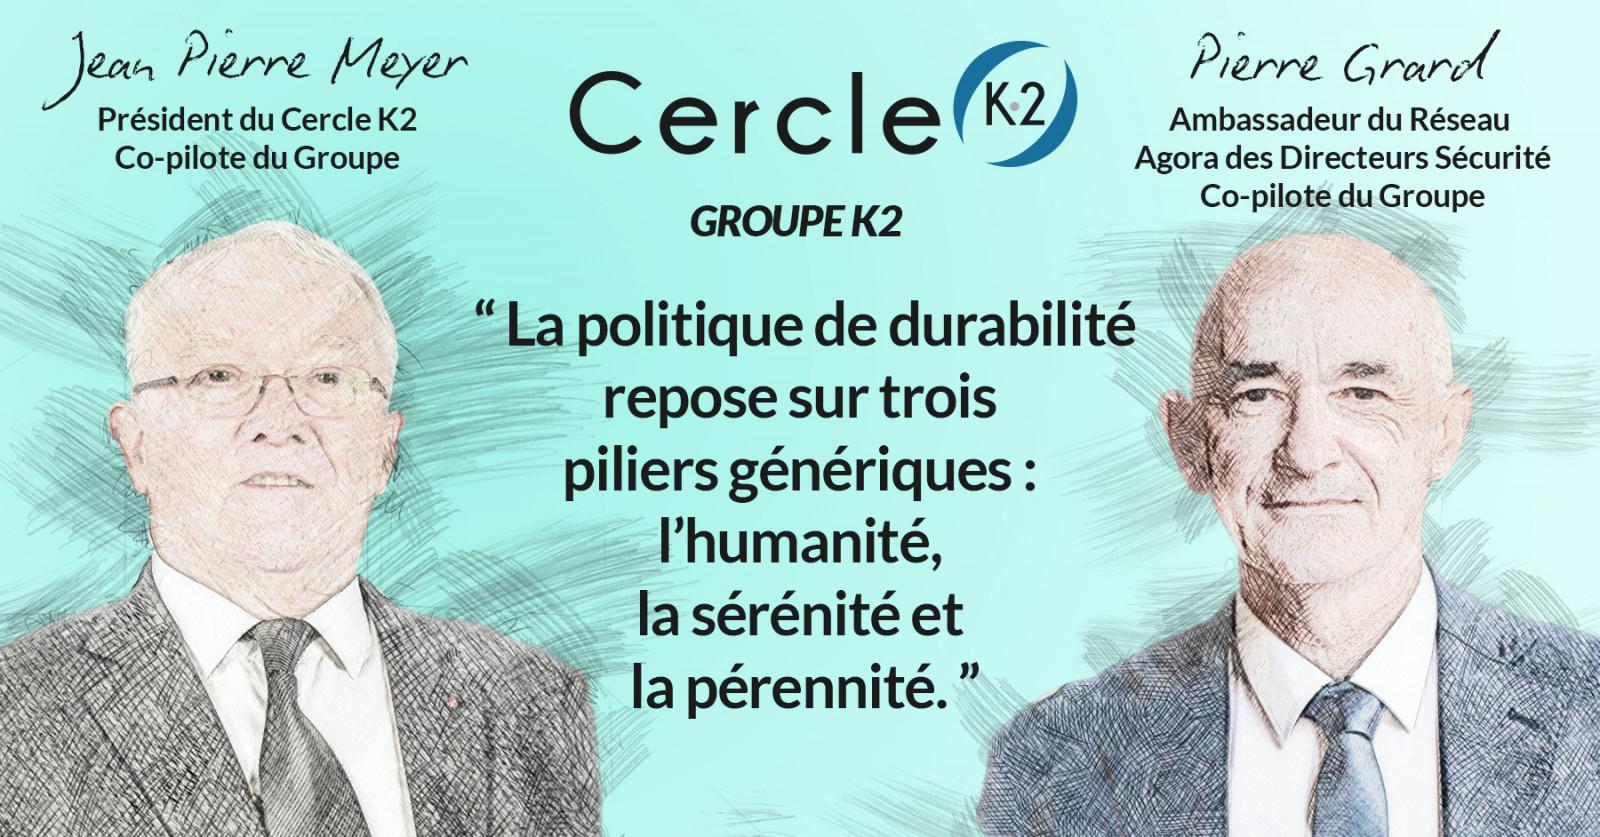 Groupe K2 - Ville durable responsable - Cercle K2